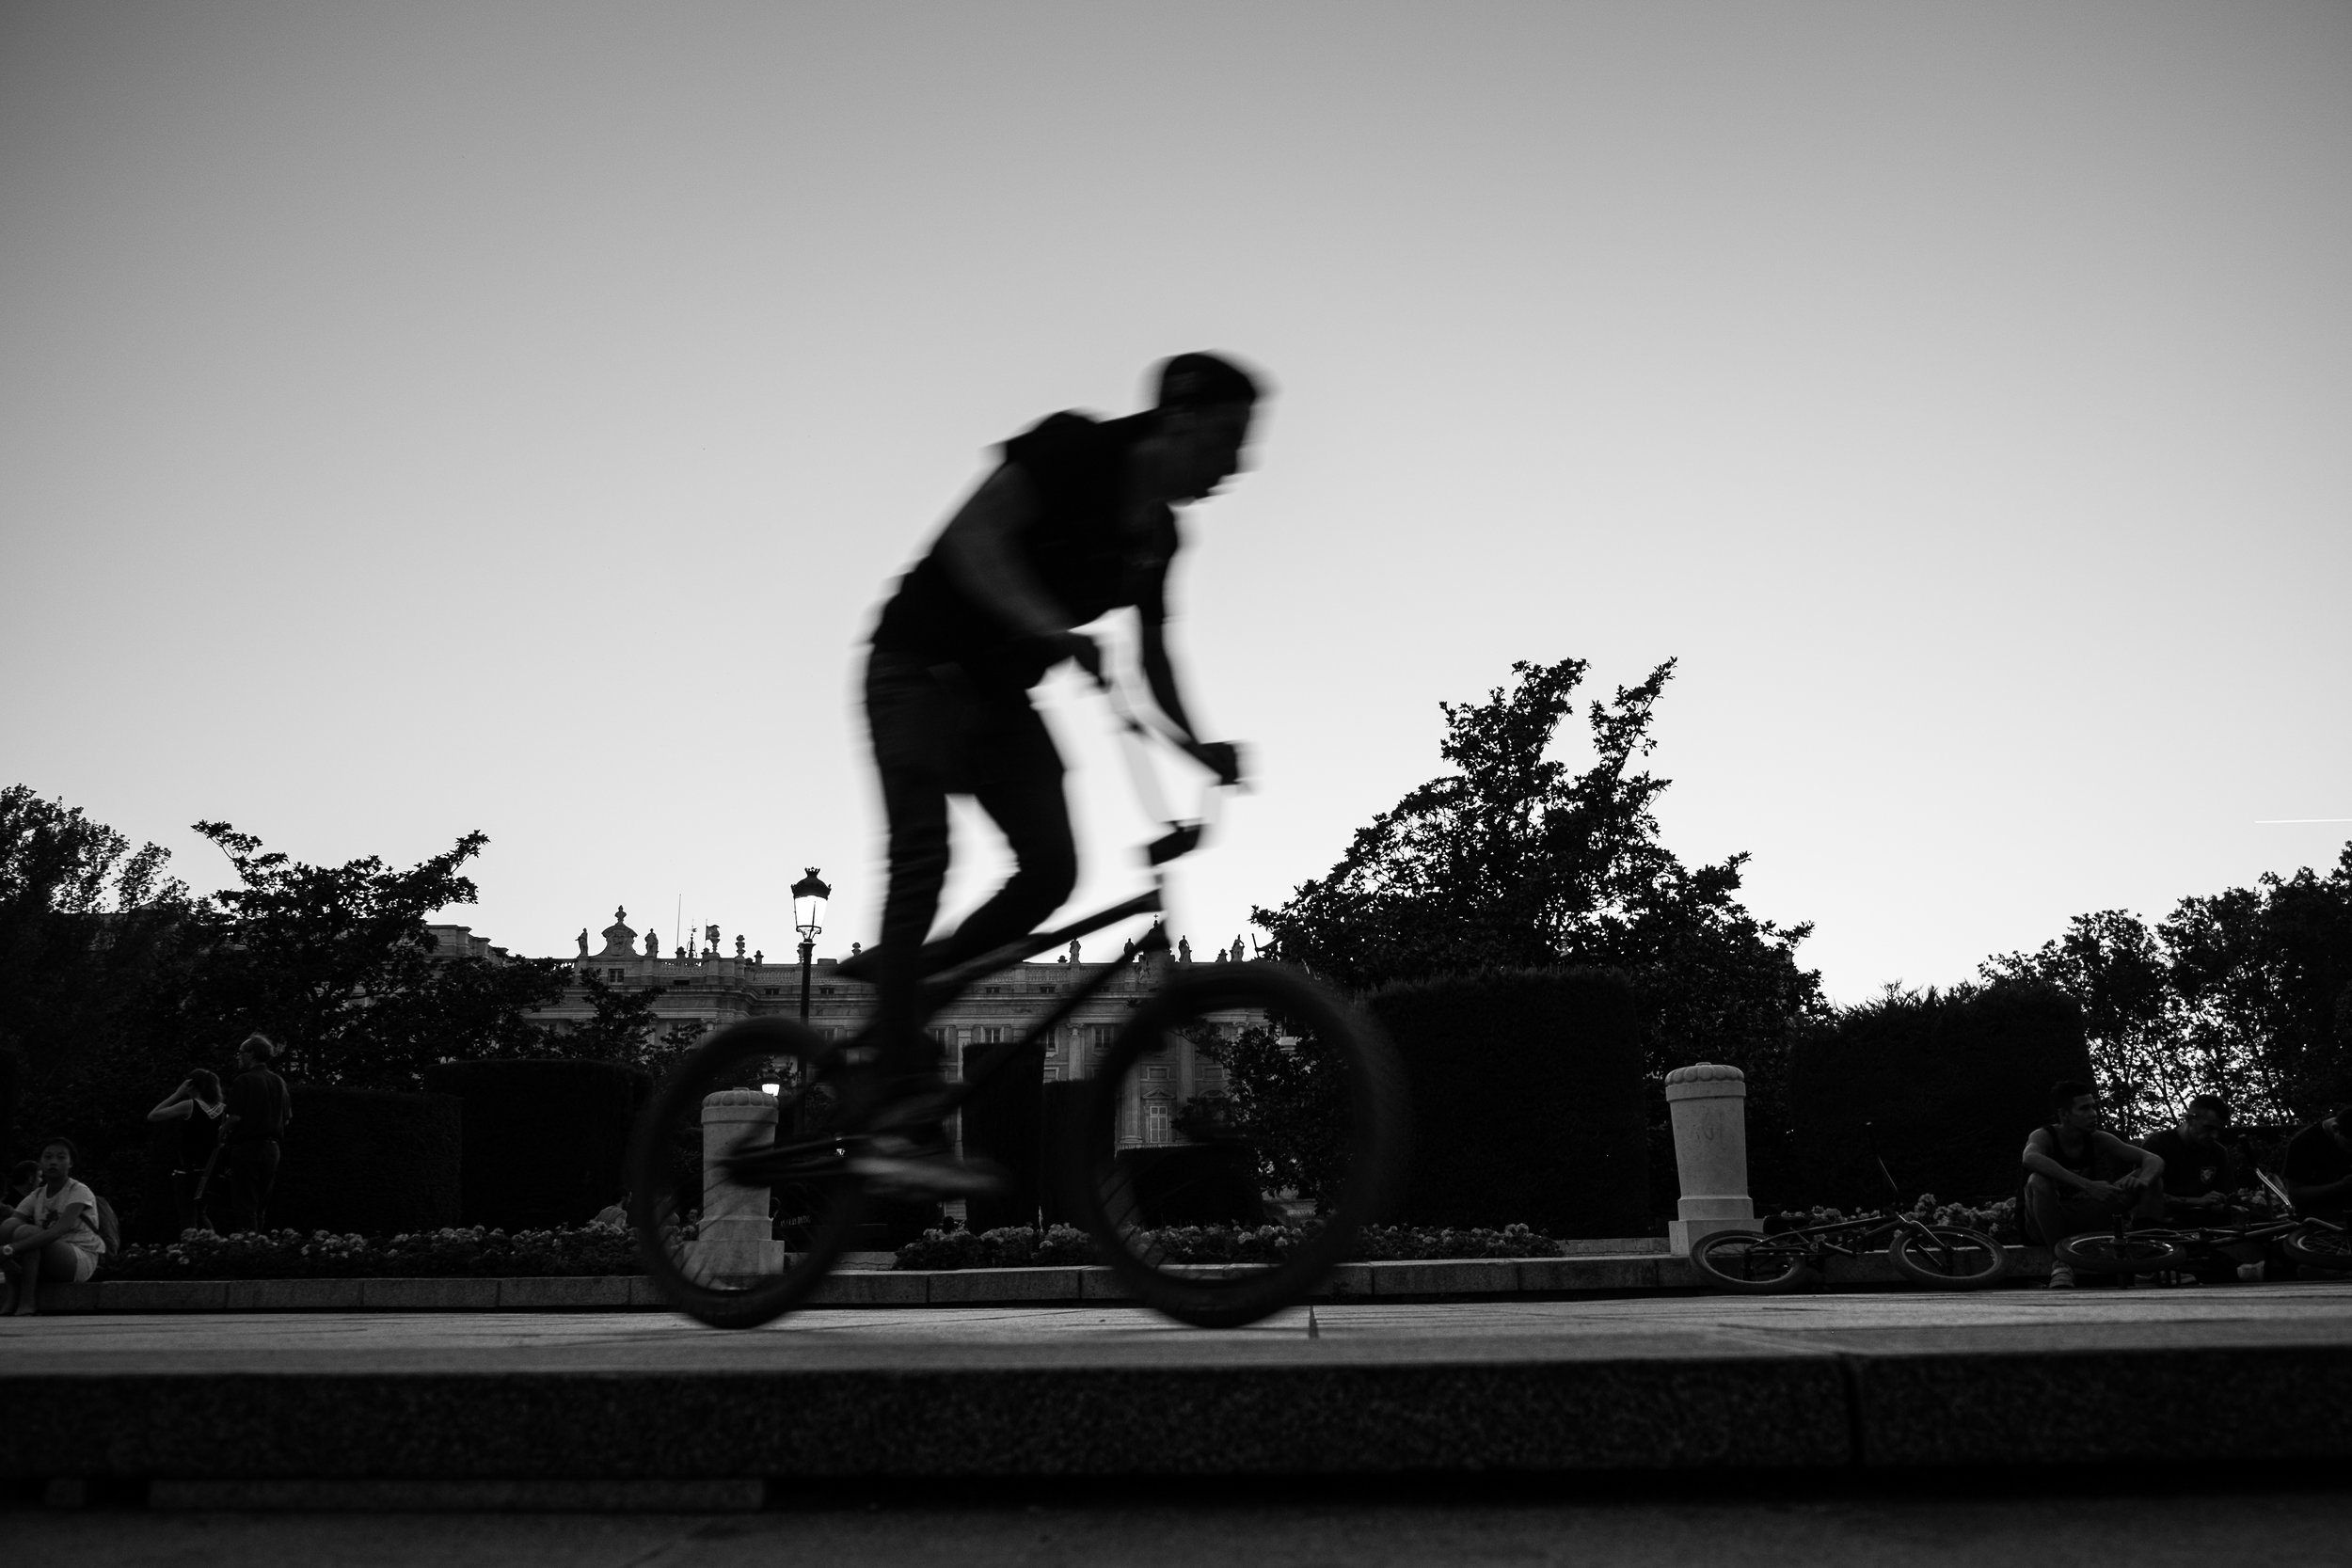 Madrid Bike